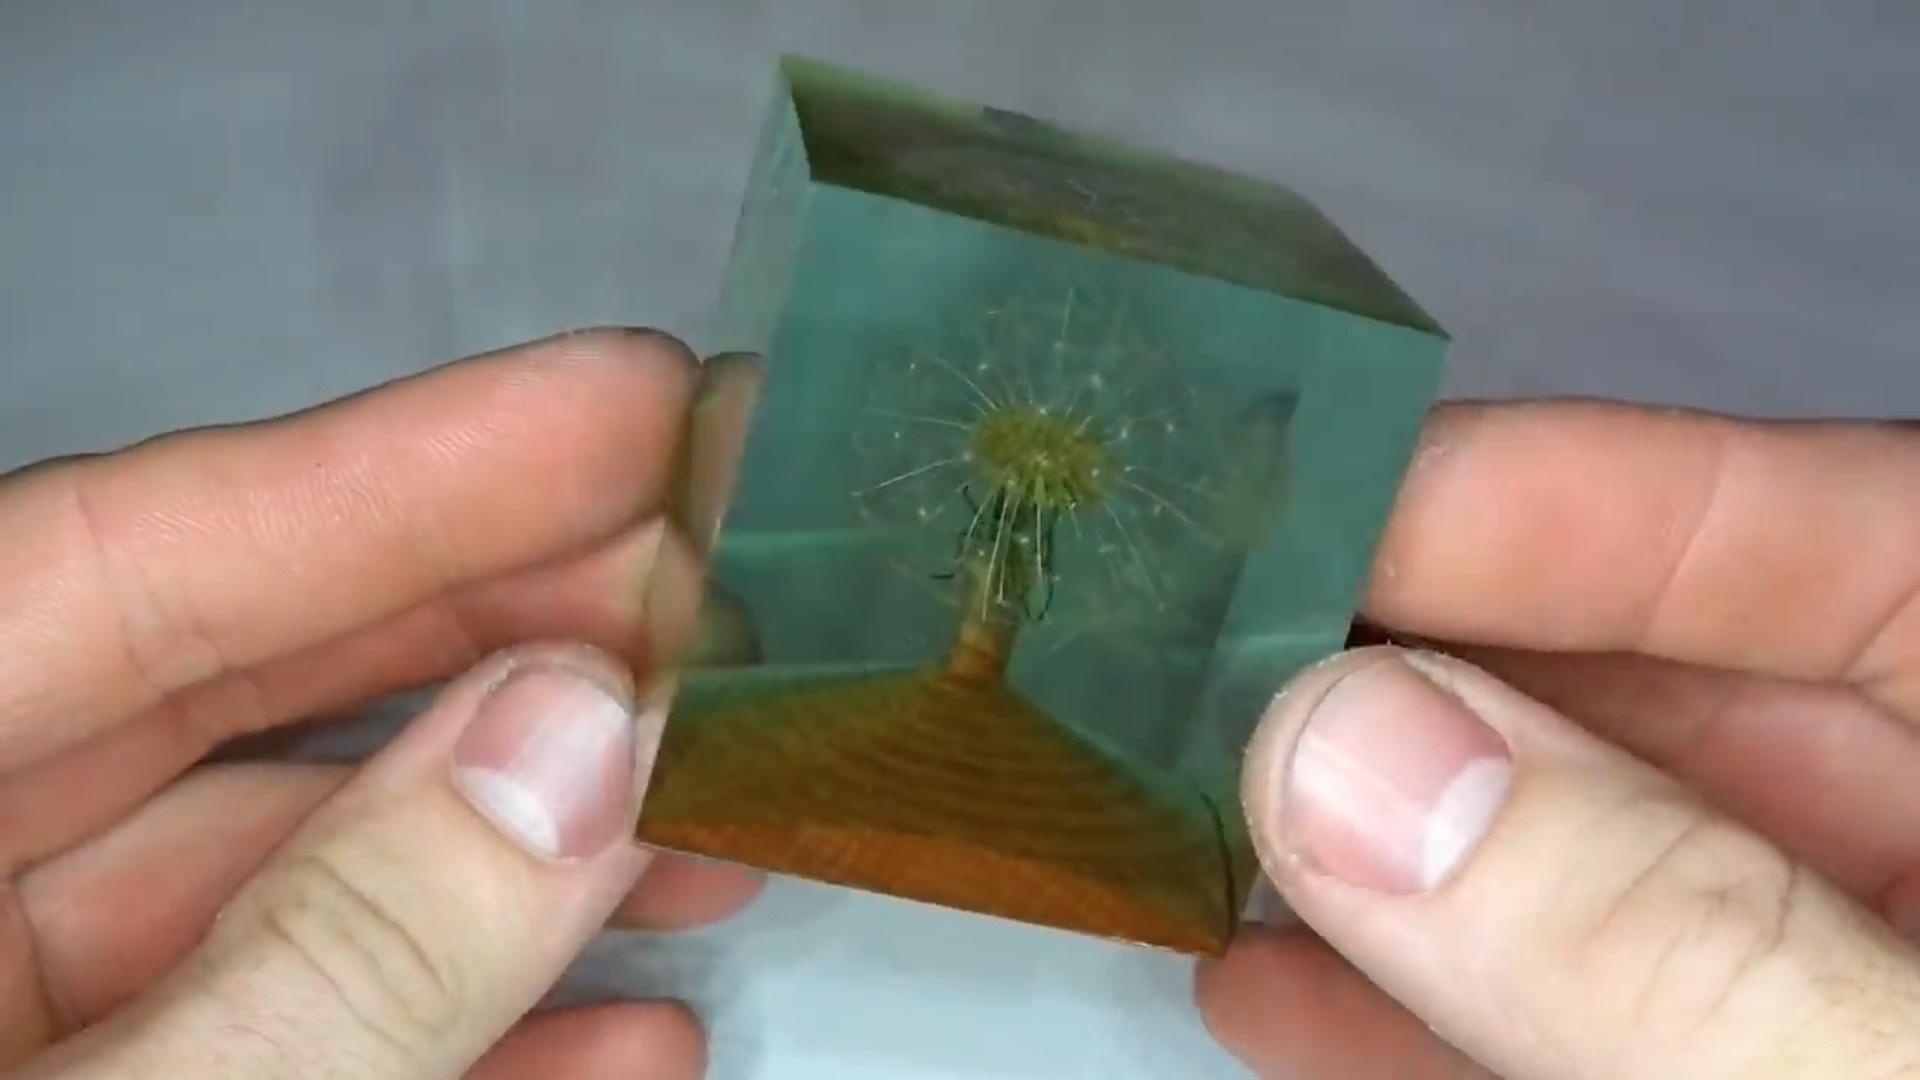 艺术树脂( DIY Art Resin ):蒲公英滴胶镇纸/摆件